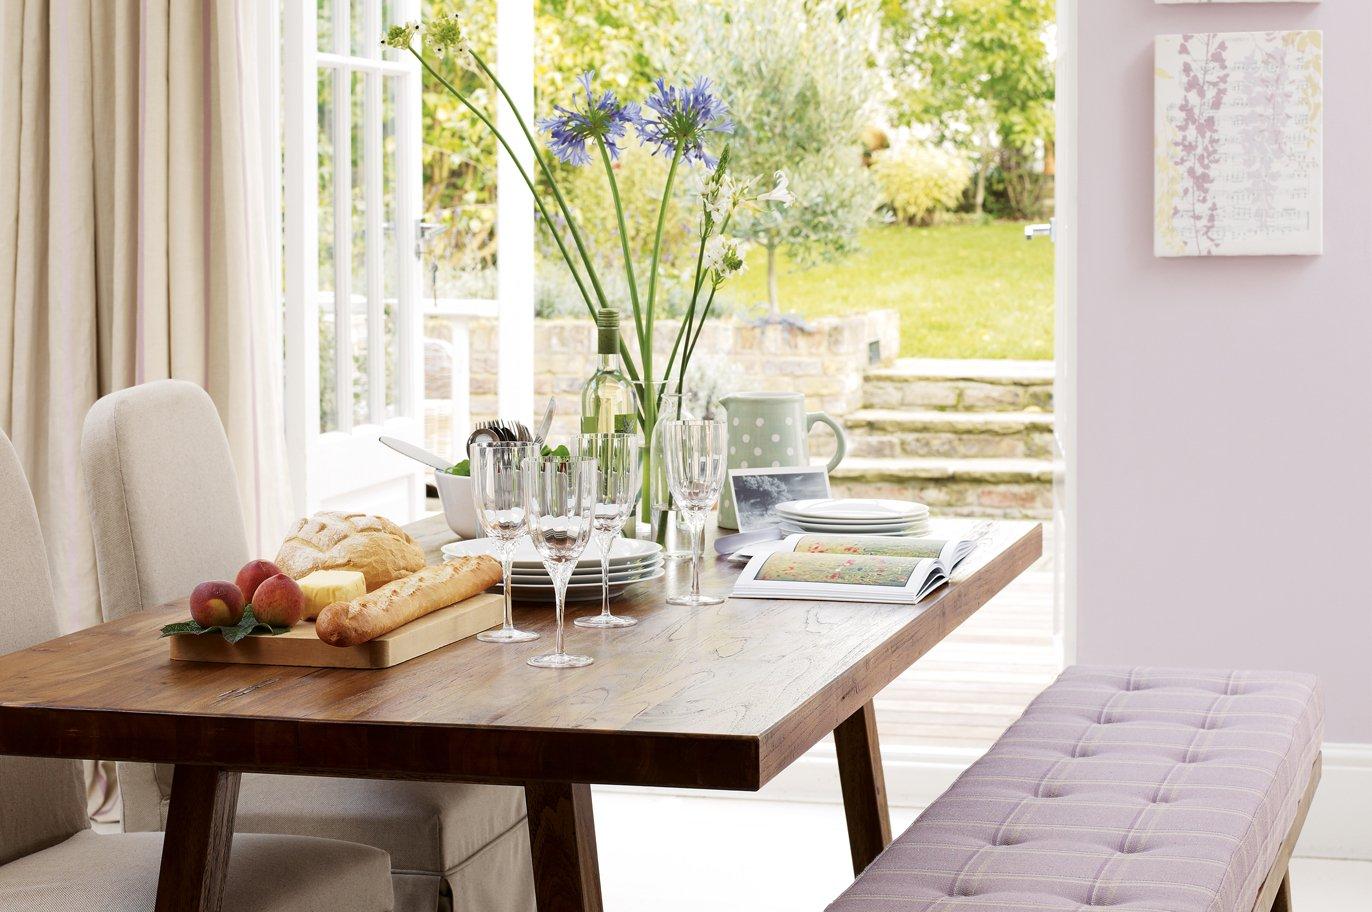 Muebles para una cocina de estilo ingl s decoraci n del for Catalogo de muebles de madera para el hogar pdf